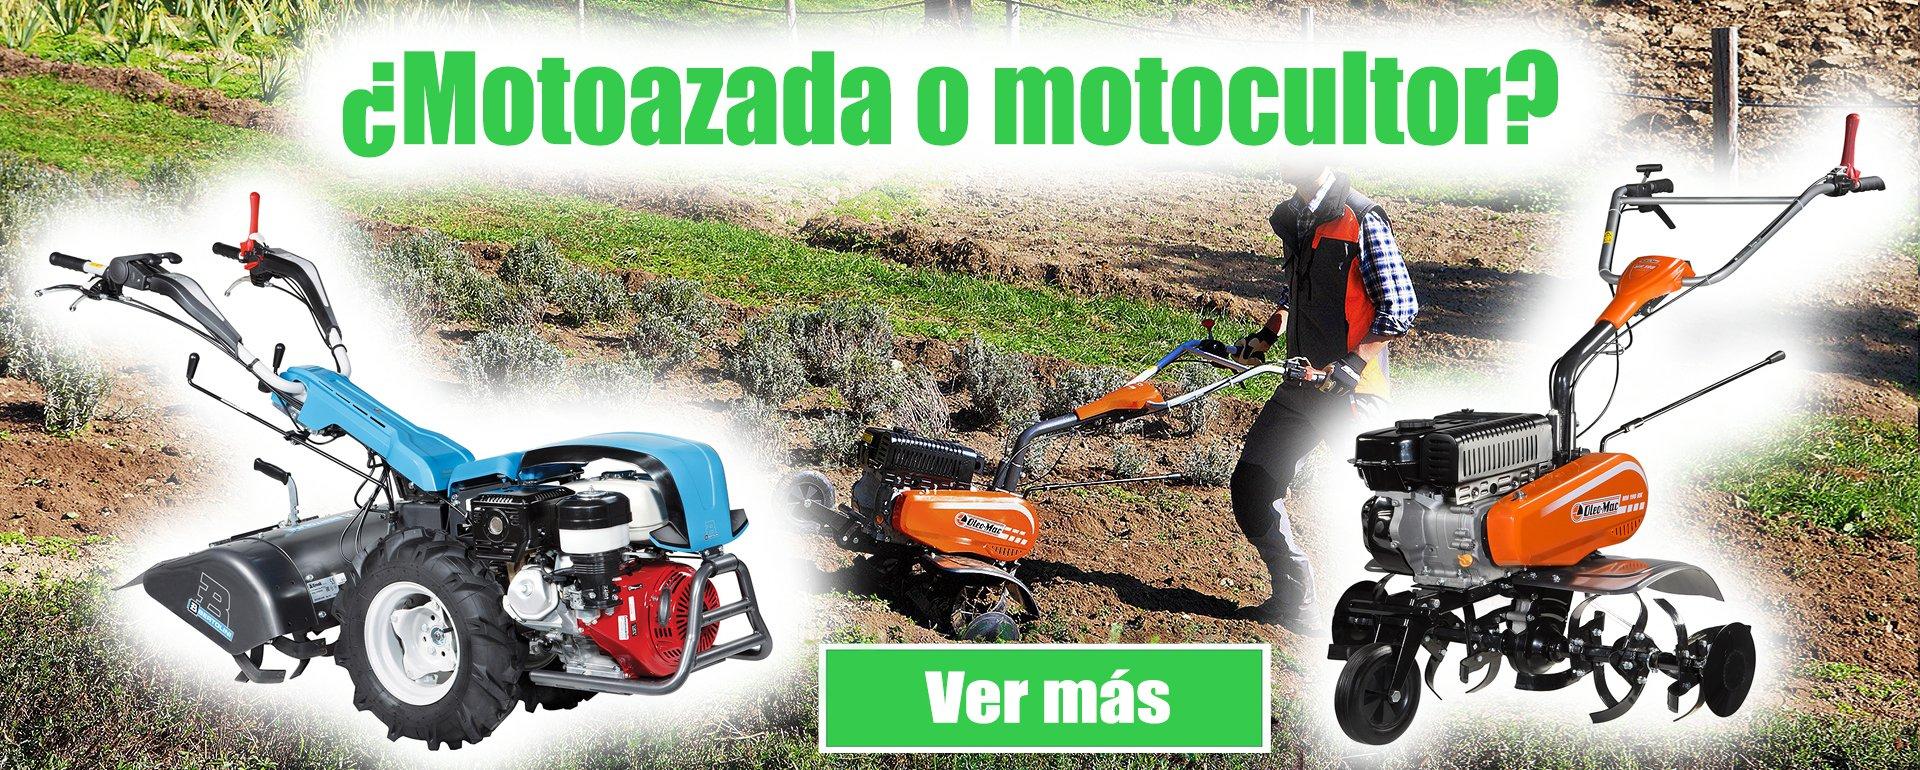 motoazadas de gasolina y motocultores